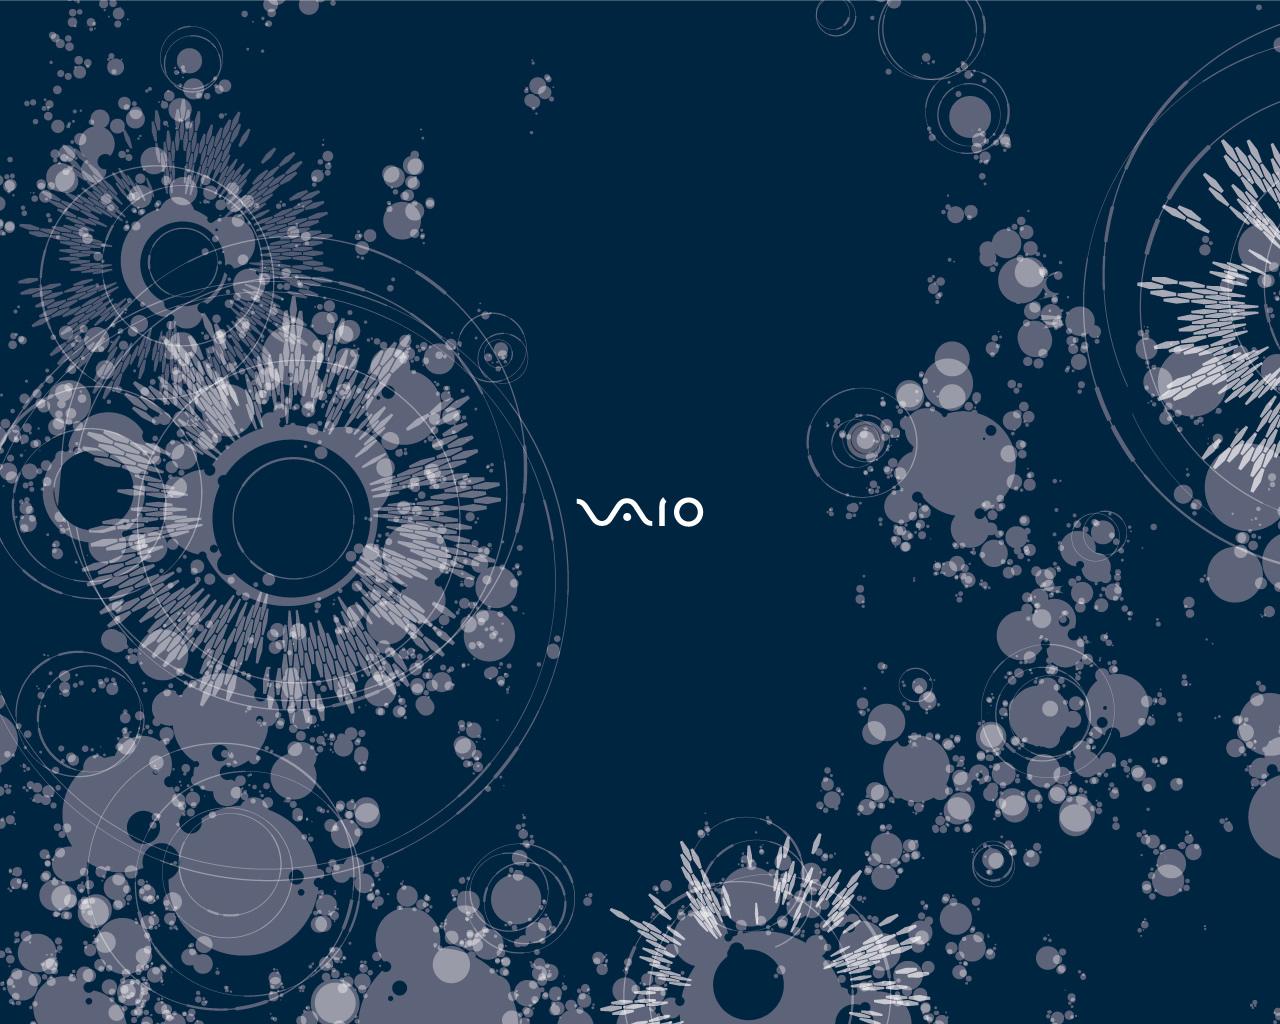 懐かしい壁紙プレゼント おトクな情報 Windows 10情報 Windows情報 パーソナルコンピューター Vaio サポート お問い合わせ ソニー